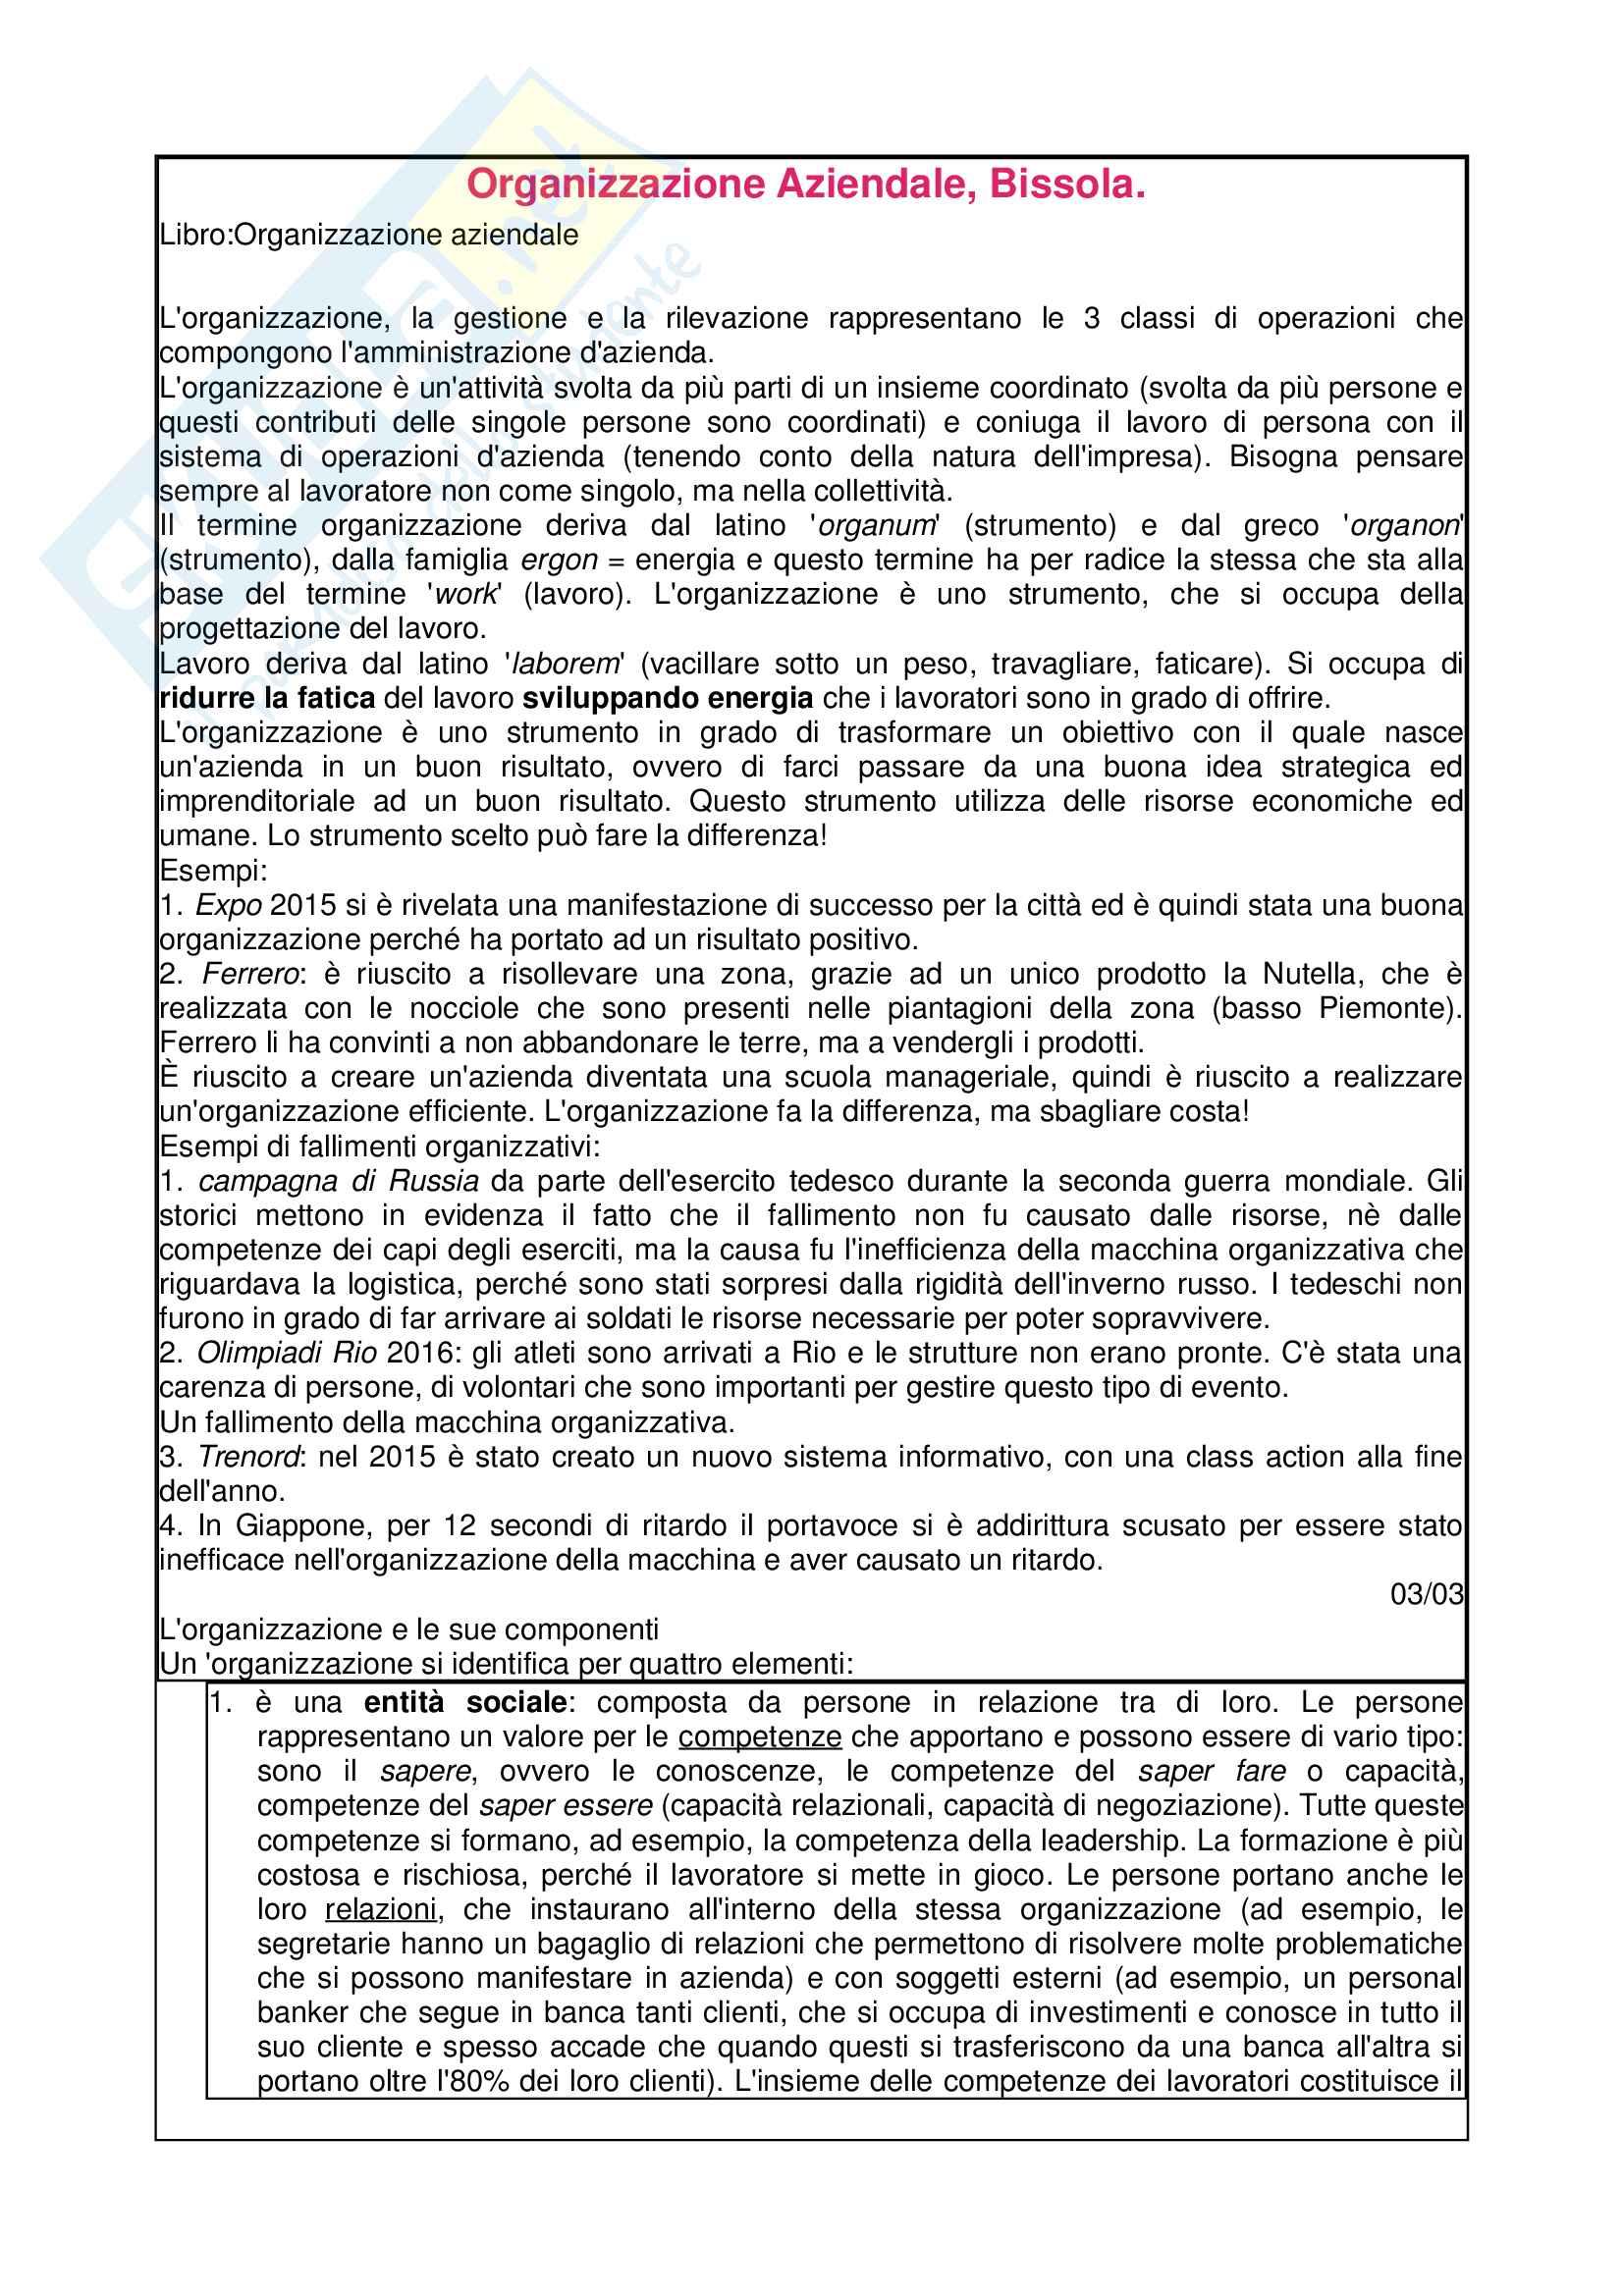 Organizzazione Aziendale, Rita Bissola